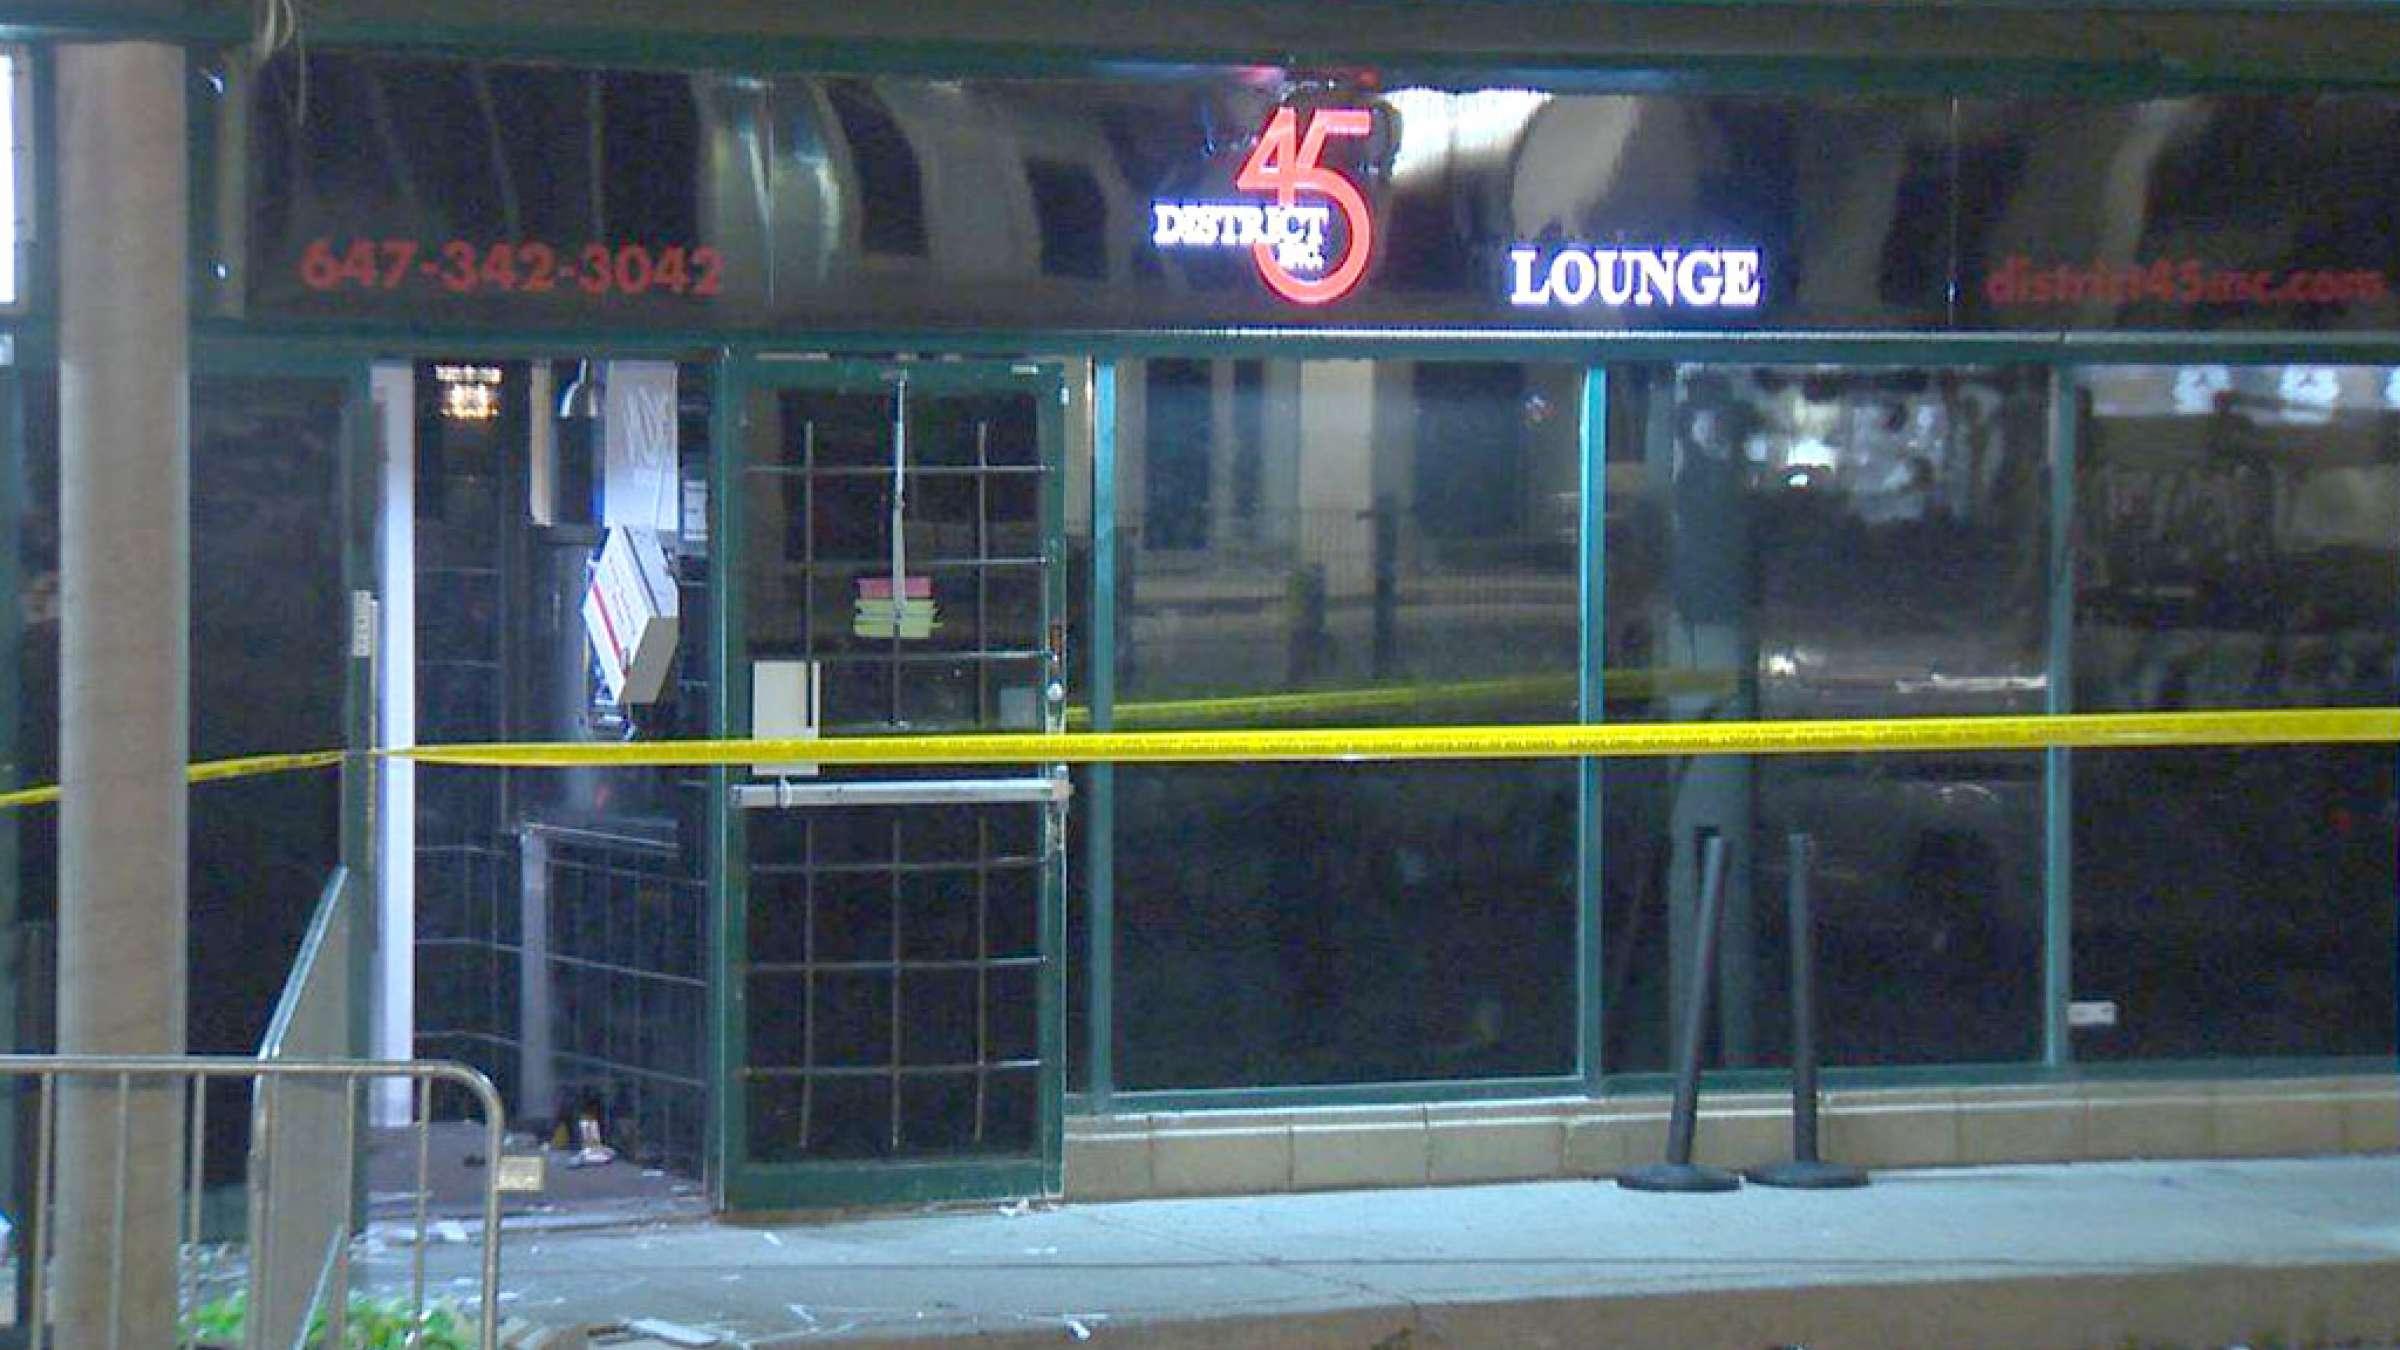 اخبار-تورنتو-هفت-زخمی-در-تیراندازی-کلوپ-شبانه-تورنتو